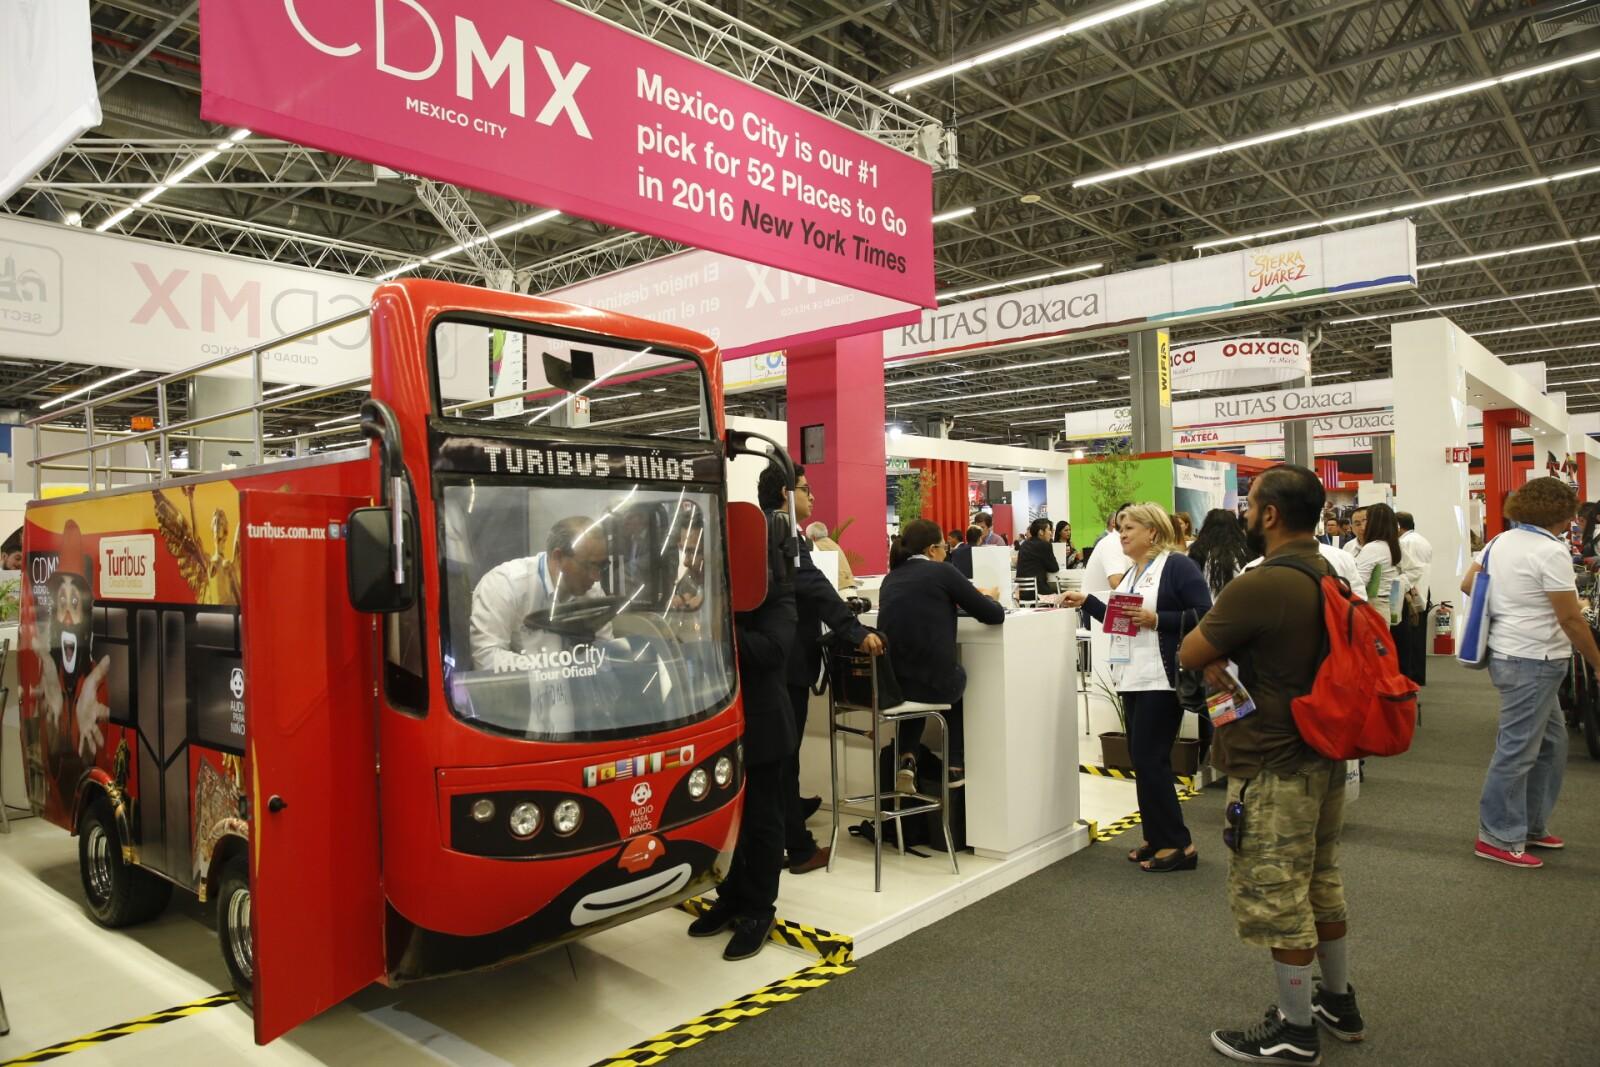 Otro de los servicios que estuvo presente en el Tianguis Turístico fue el de Turibús, que promovía sus distintas rutas en la CDMX.